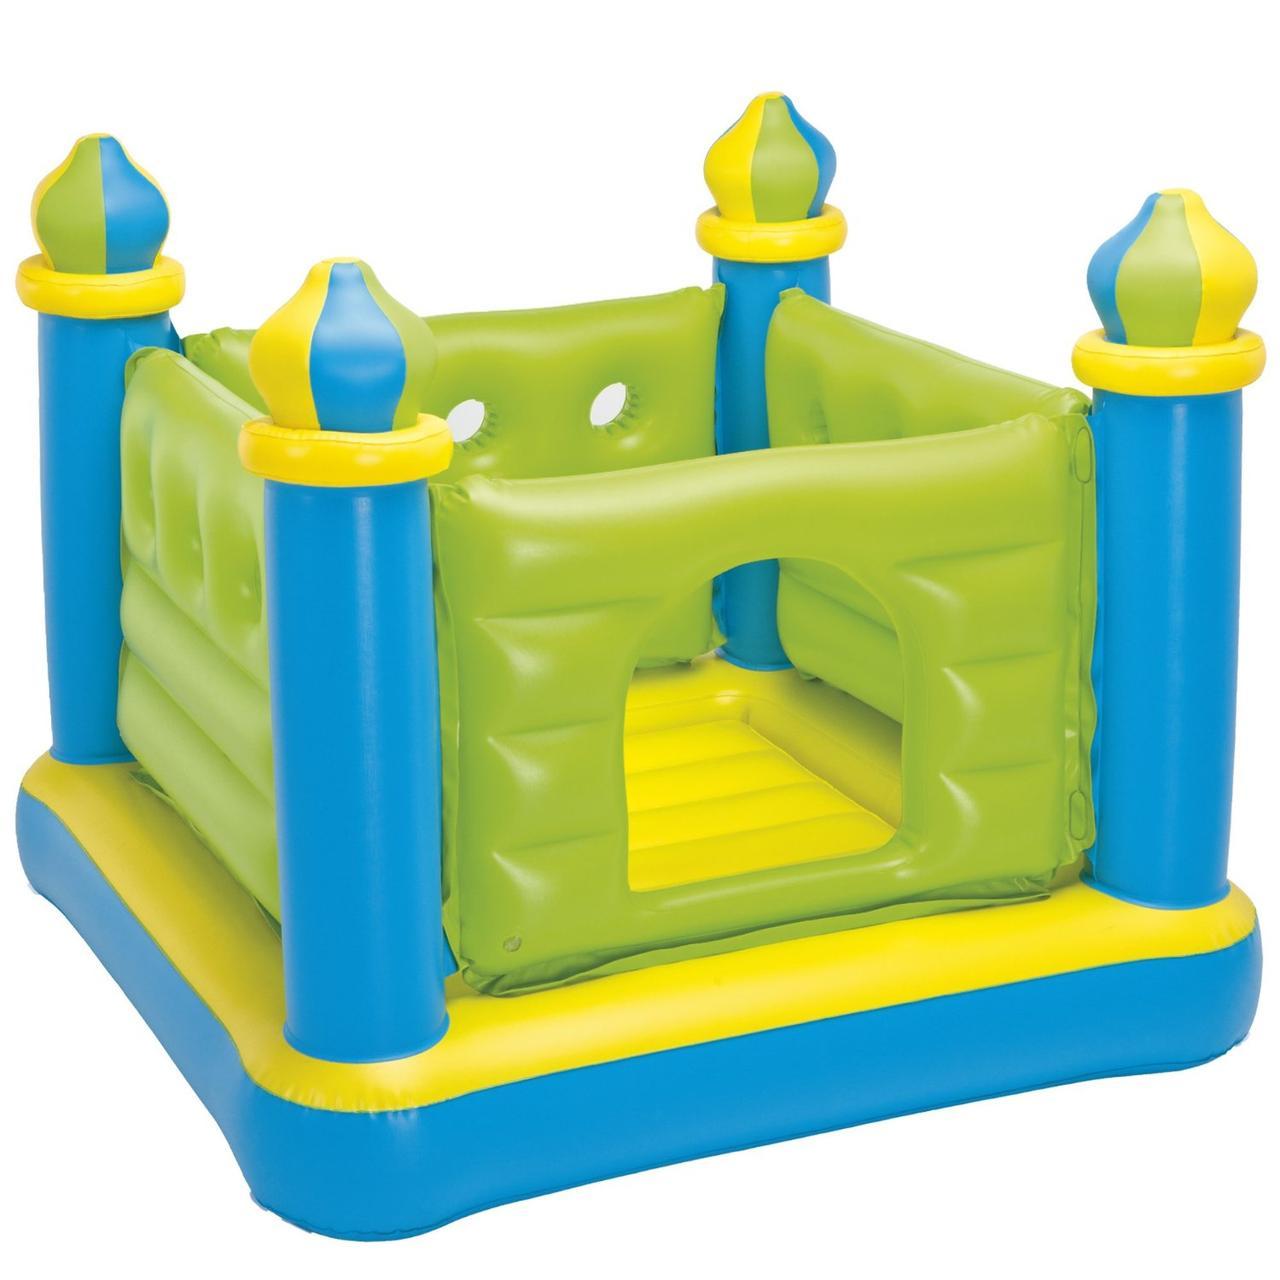 """Детский надувной игровой центр """"Замок"""" батут Intex 48257 - фото 3"""